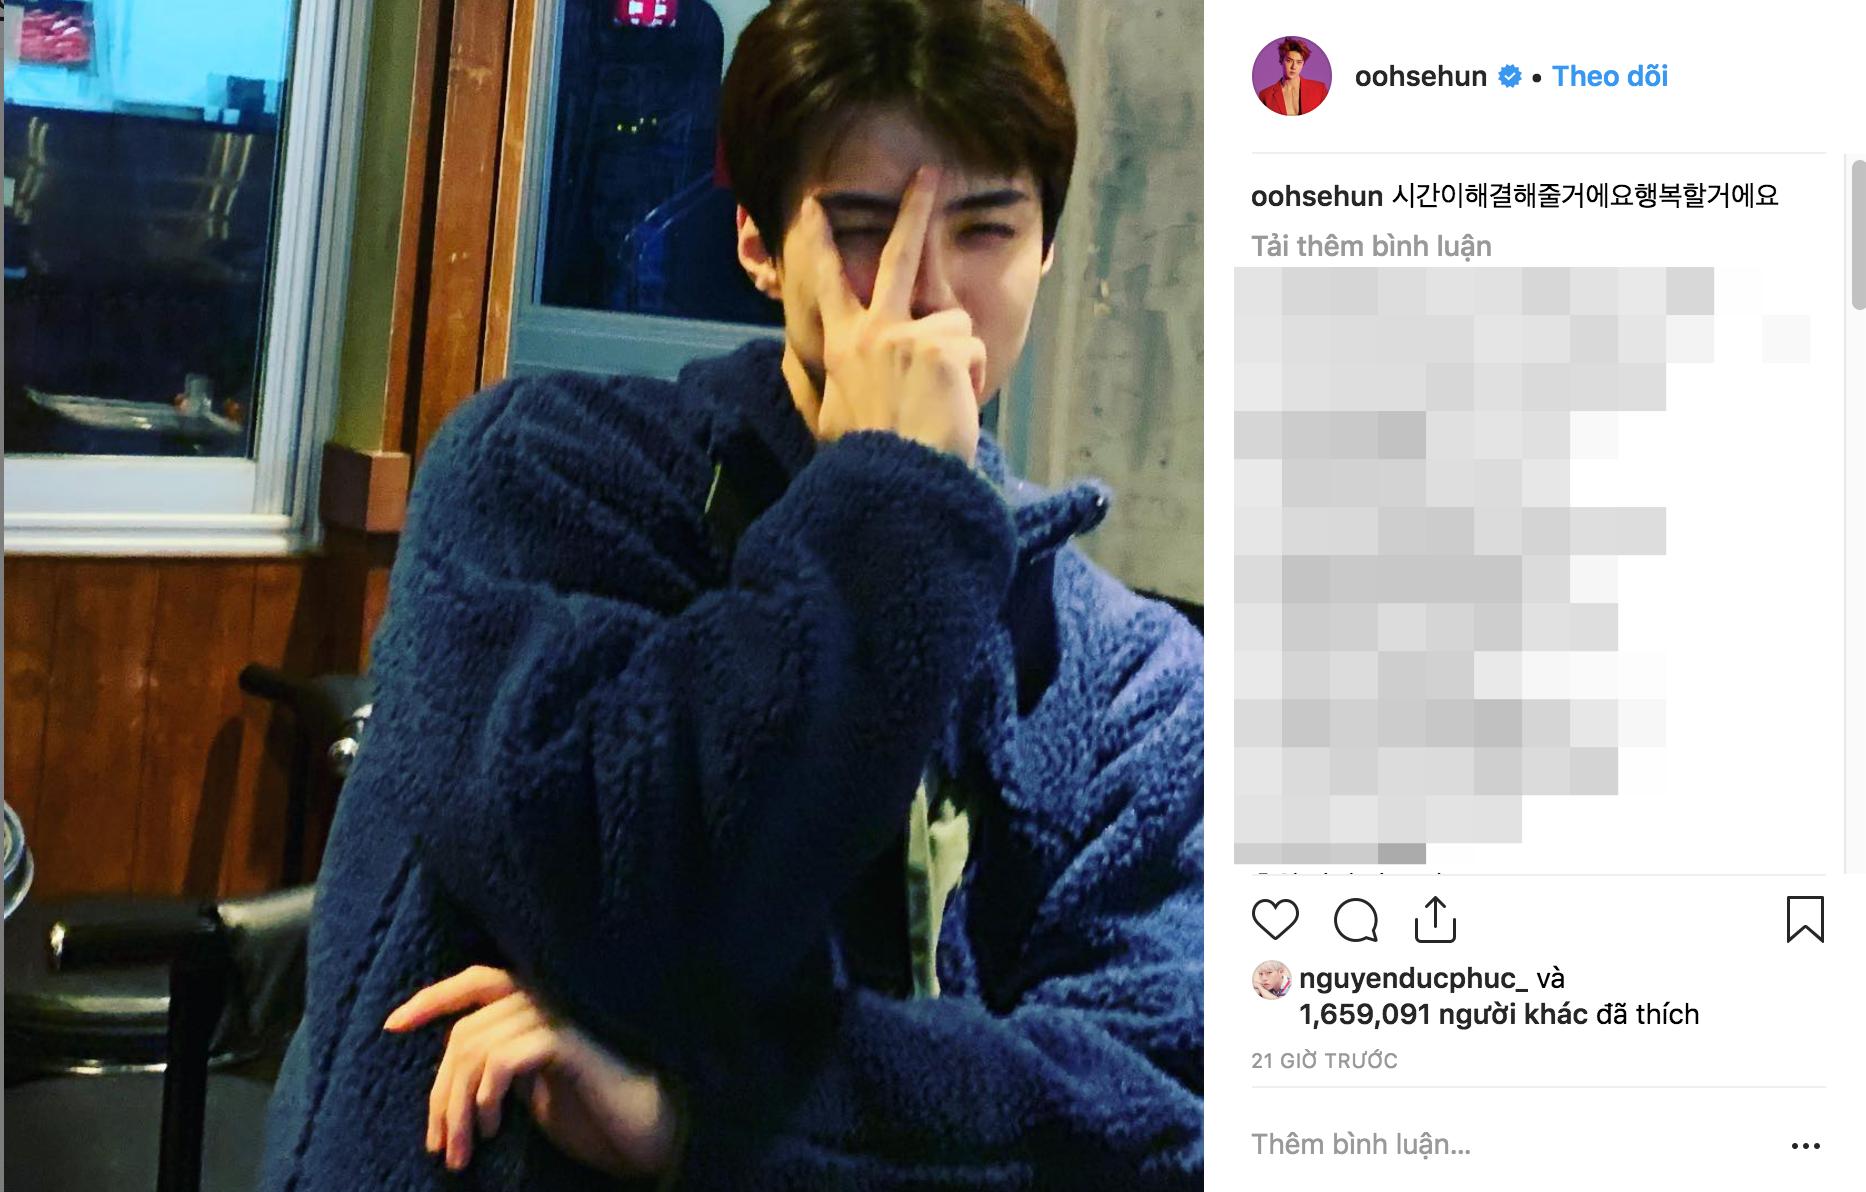 Netizen Hàn lại thuyết âm mưu: Sehun (EXO) chỉ đăng 1 bức ảnh liền bị ném đá vì cho rằng đang ủng hộ Seungri - Ảnh 1.